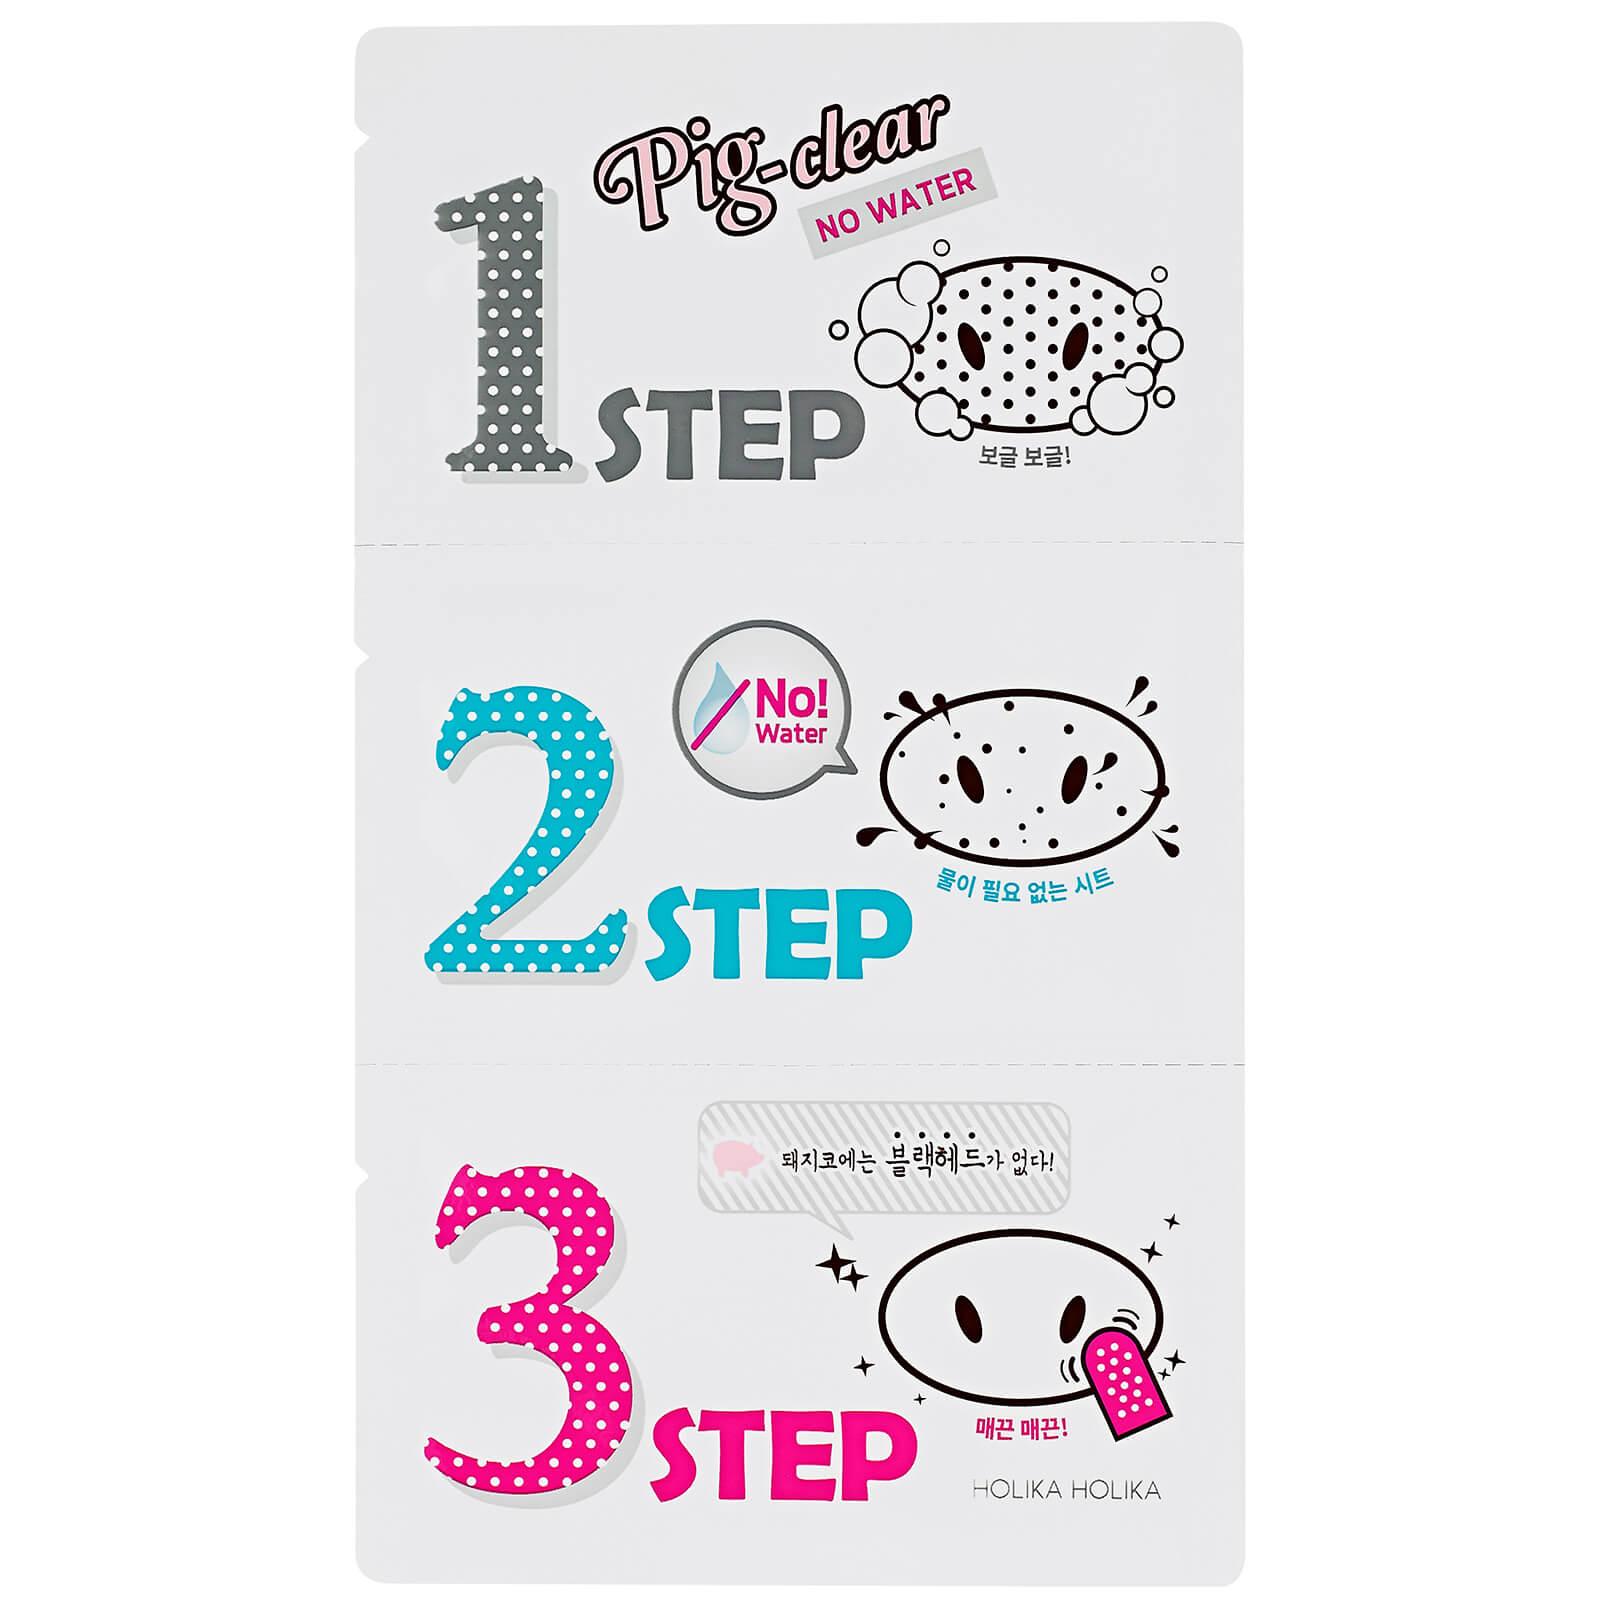 Купить Безводная система для очищения пор Holika Holika Pig Clear Blackhead 3-Step Kit (No Water)